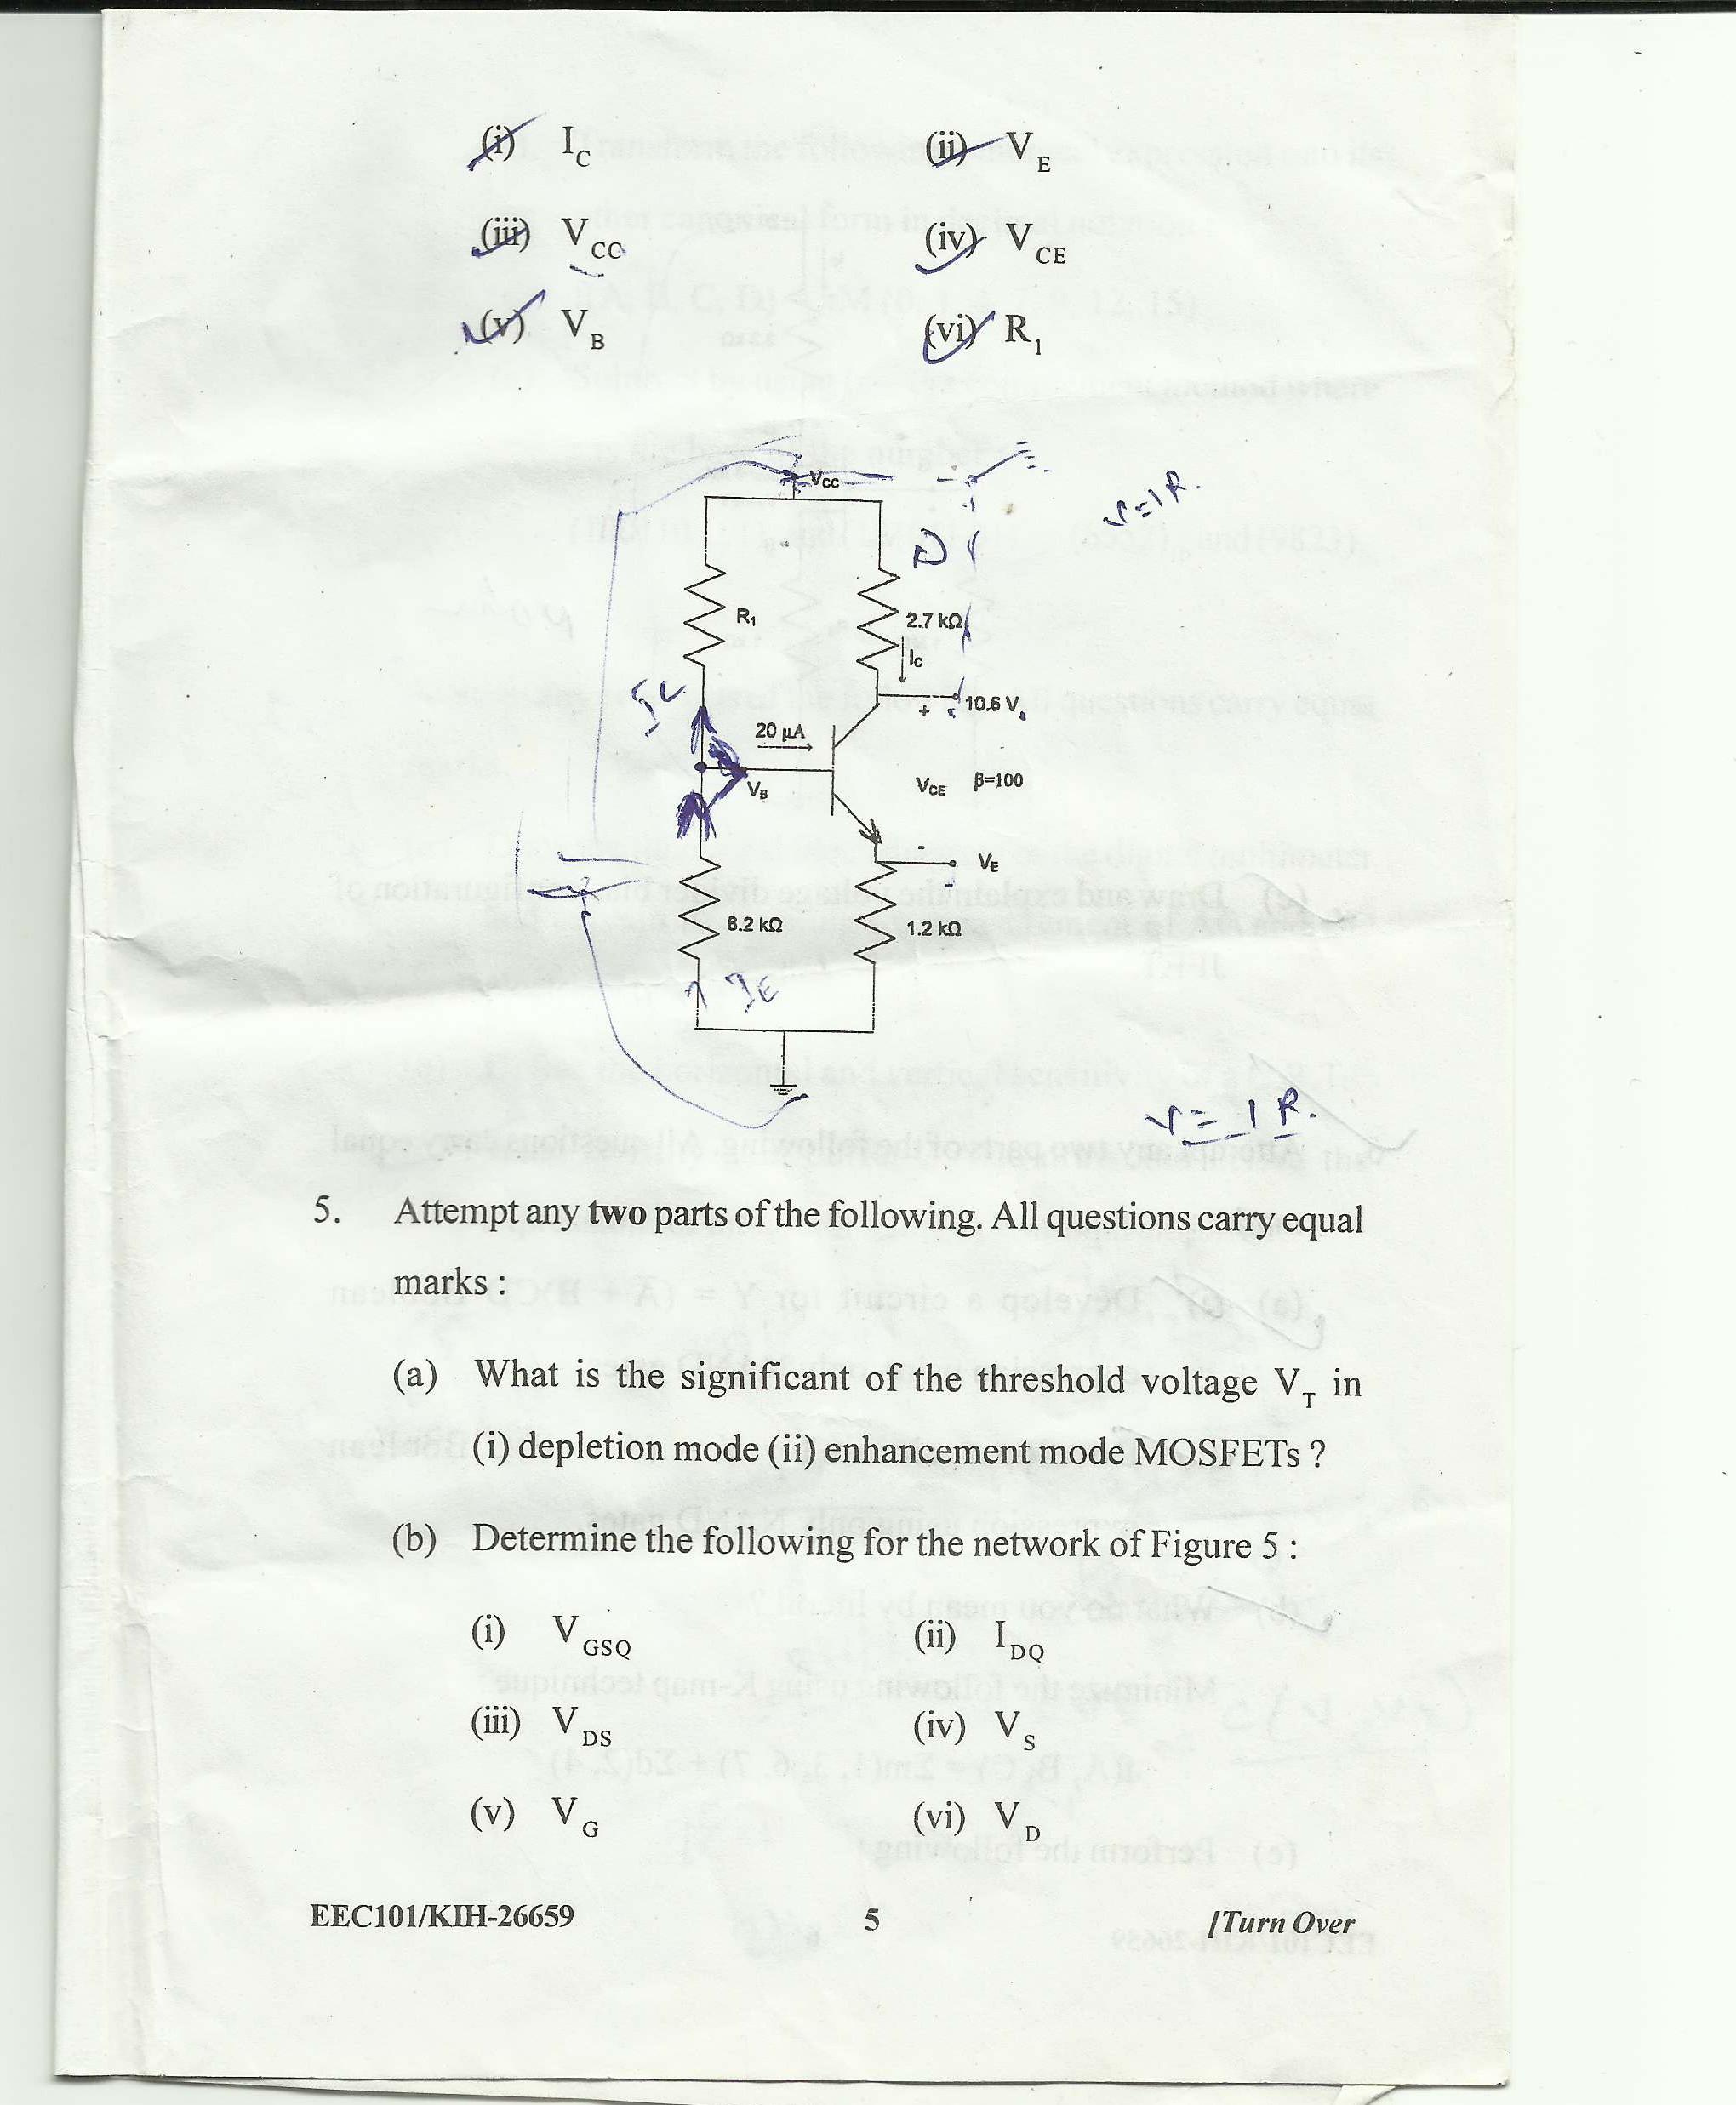 Gautam Buddh Technical University B.tech Semester 1 theory